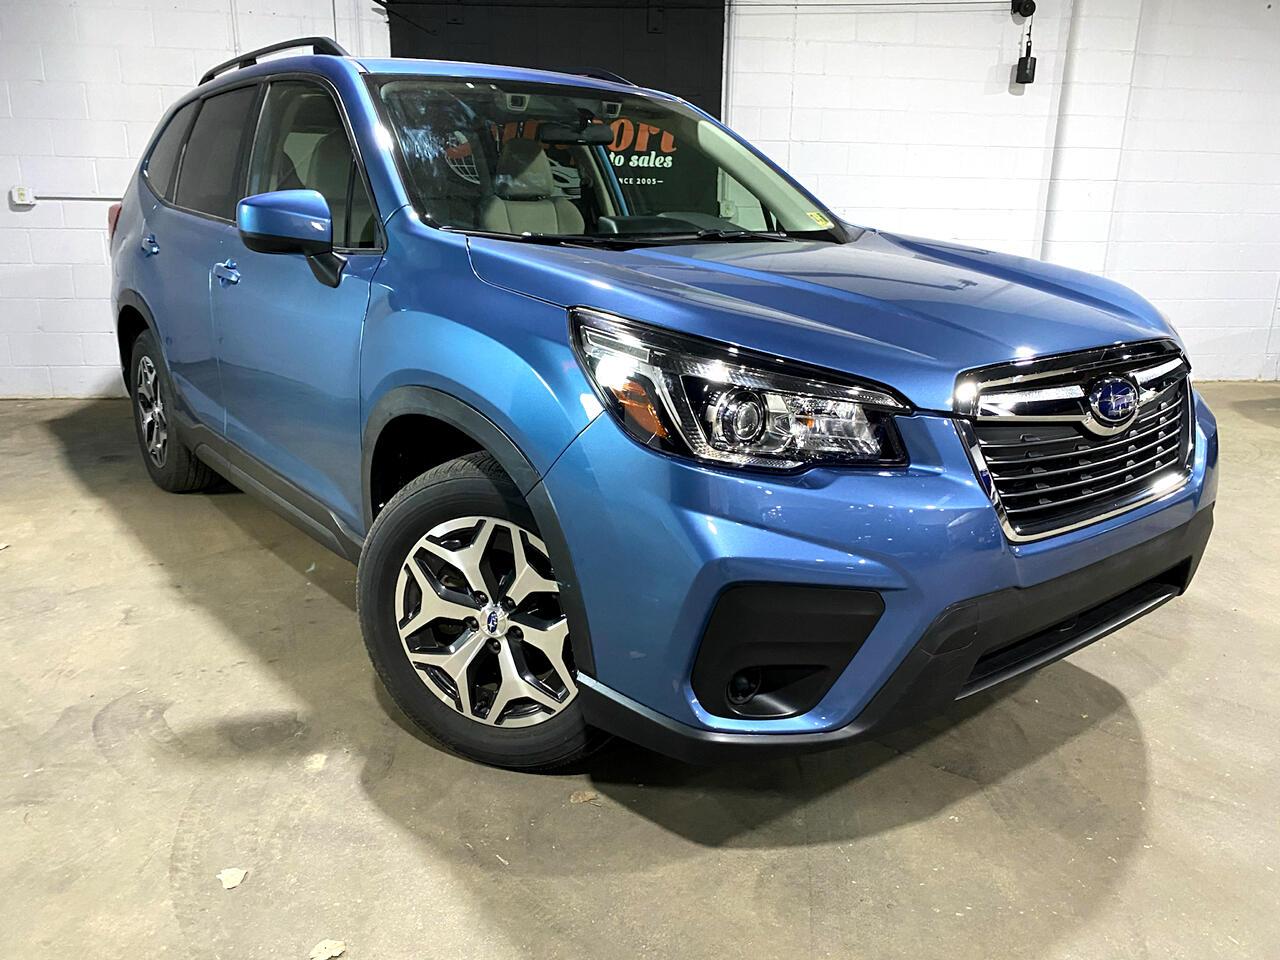 Subaru Forester 2.5i Premium 2019